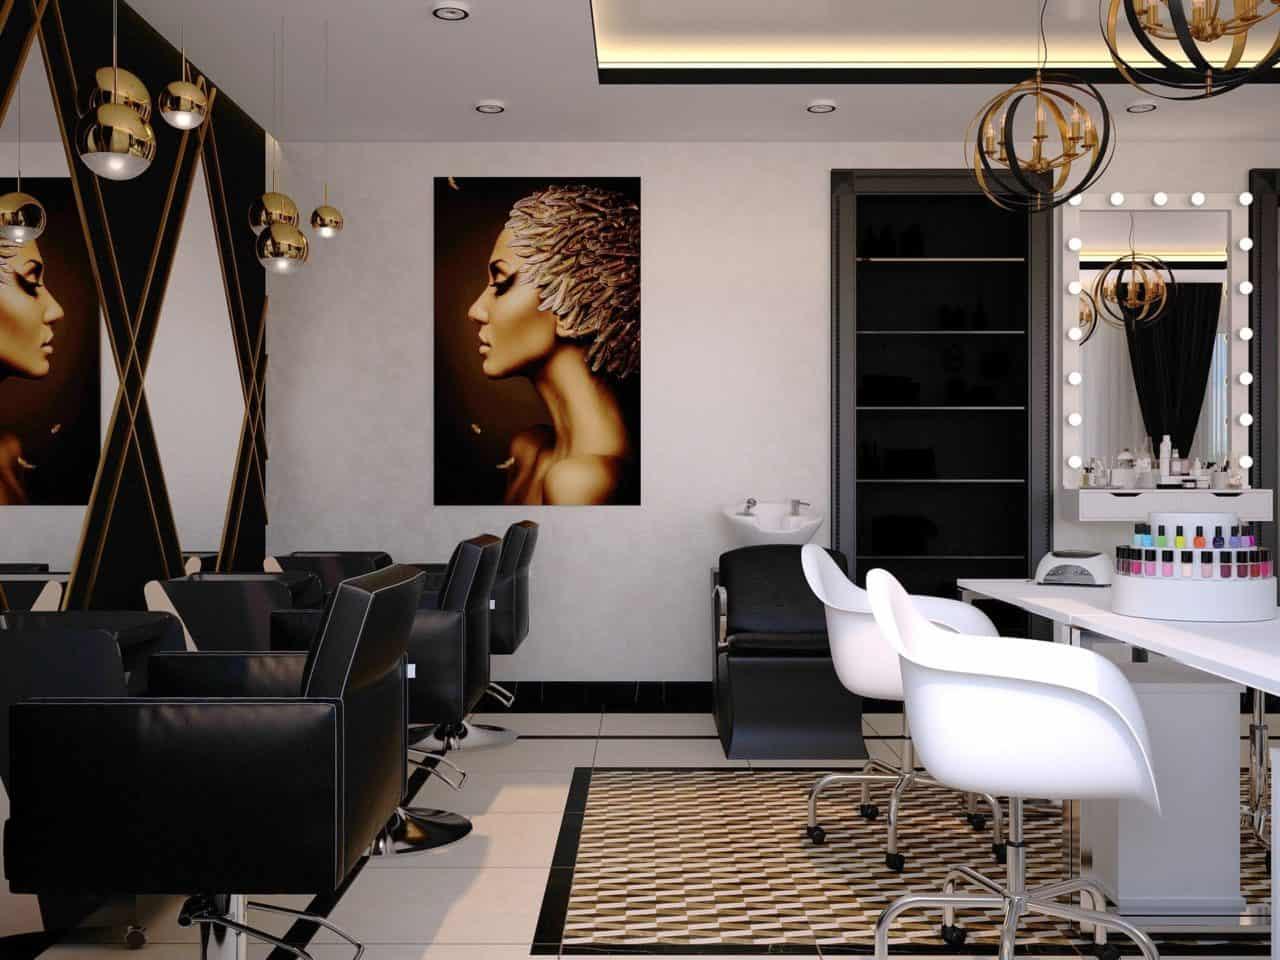 https://pr-helden.de/wp-content/uploads/2020/12/beauty-salon-4043096_1920-1280x960.jpg